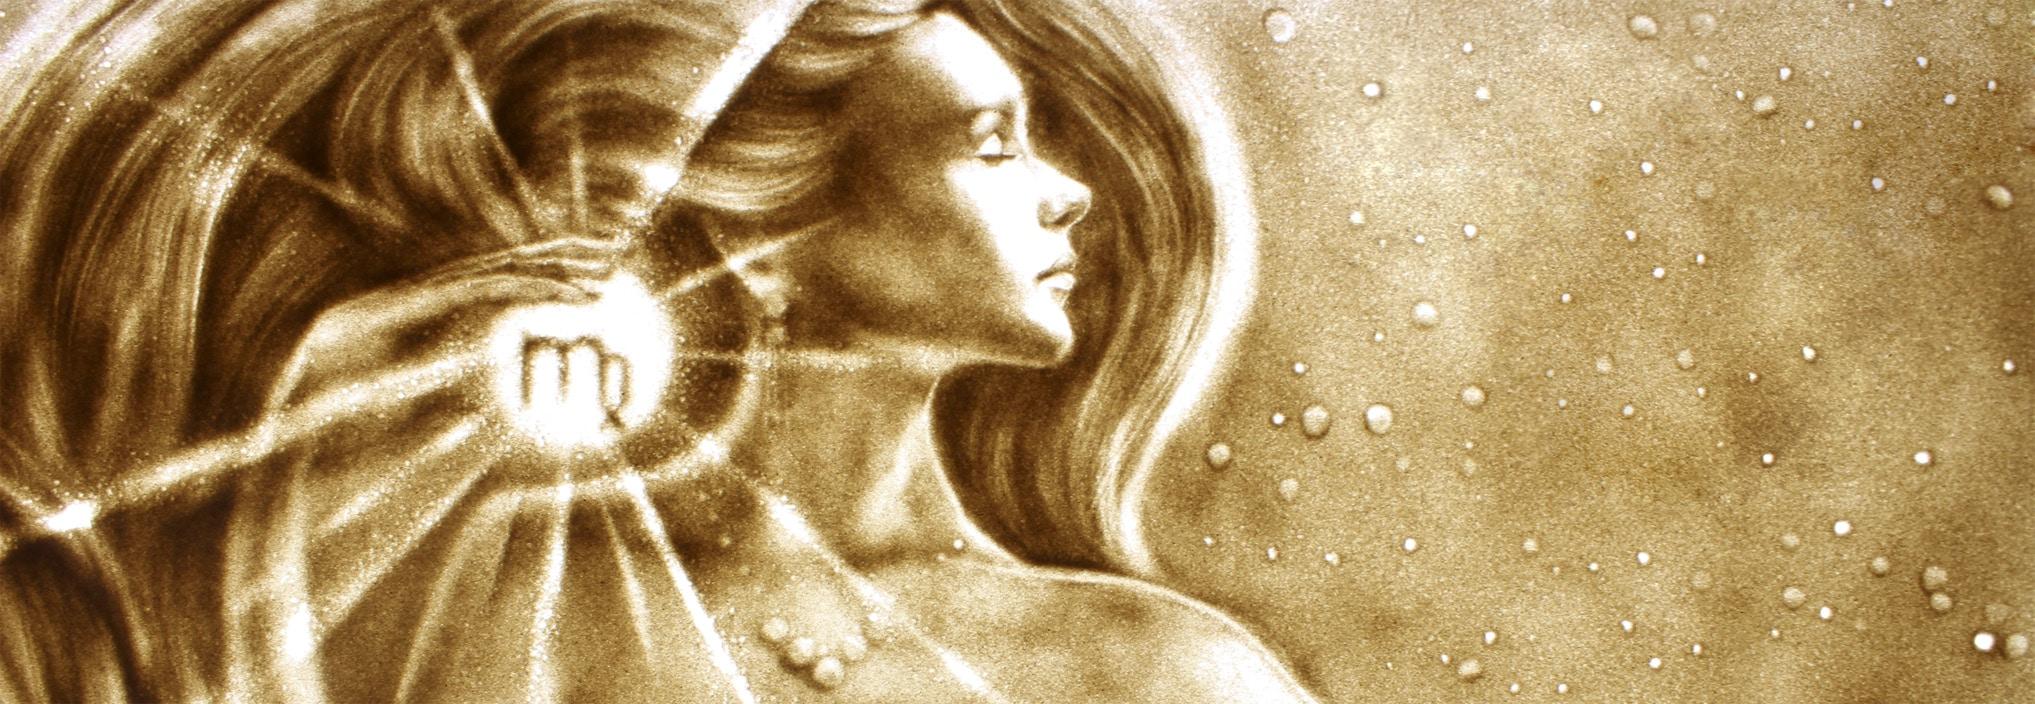 Sandmalerei shows